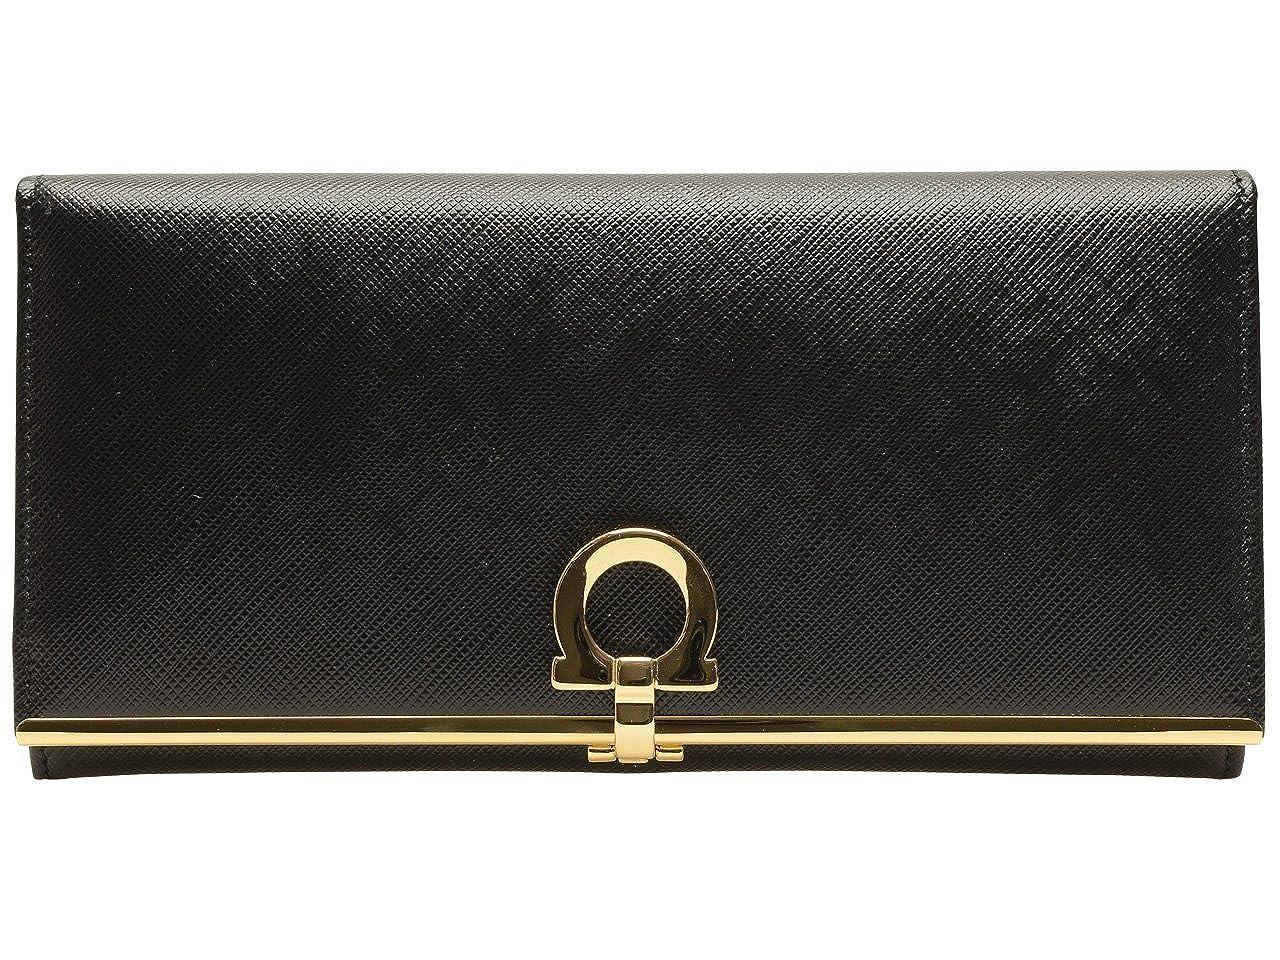 (サルヴァトーレフェラガモ) Salvatore Ferragamo 財布 長財布 二つ折り ガンチーニ ブラック 型押しカーフスキン 224633-0614666 ブランド [並行輸入品] B01H1KCW3O